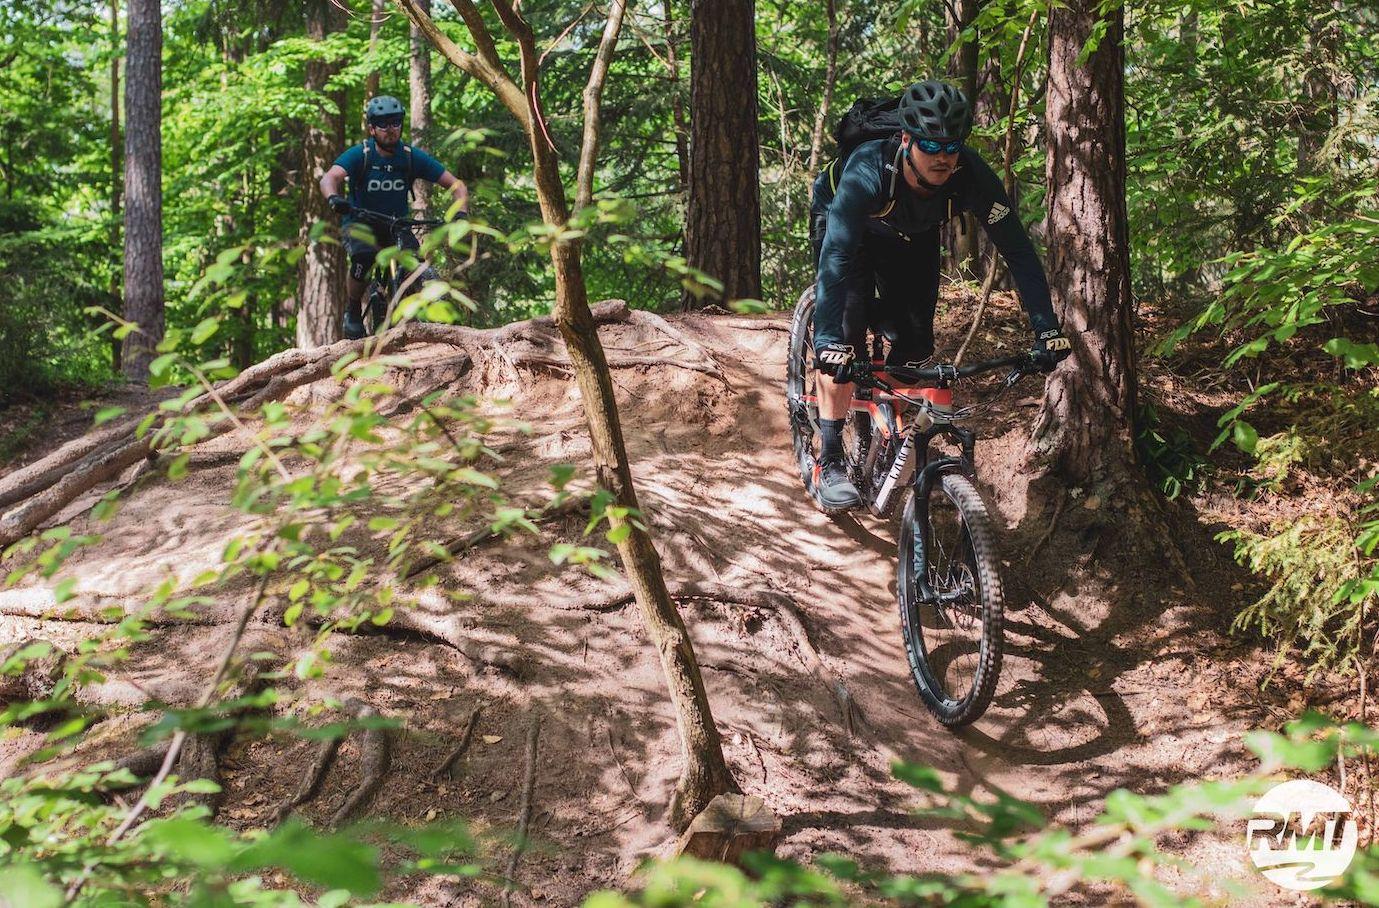 MTB Fahrtechnik Kurs für Einsteiger in Siegburg   Bonn - Mountainbike Basic - Rock my Trail Bikeschule - 5